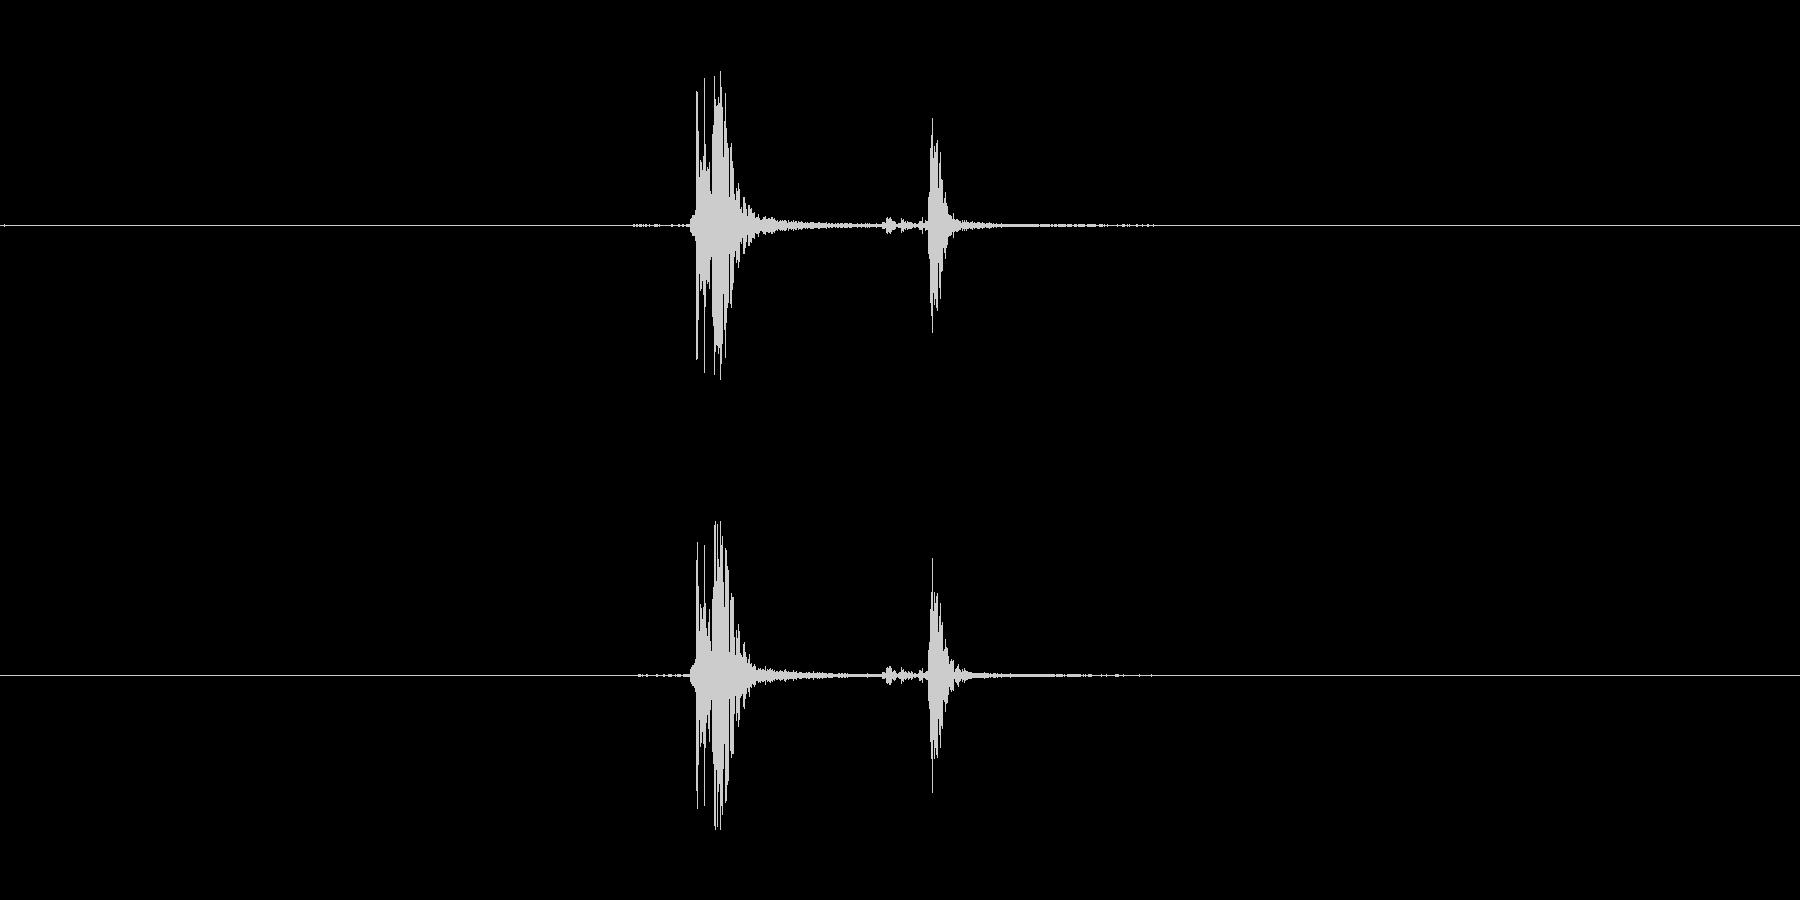 重火器のトリガー音。の未再生の波形